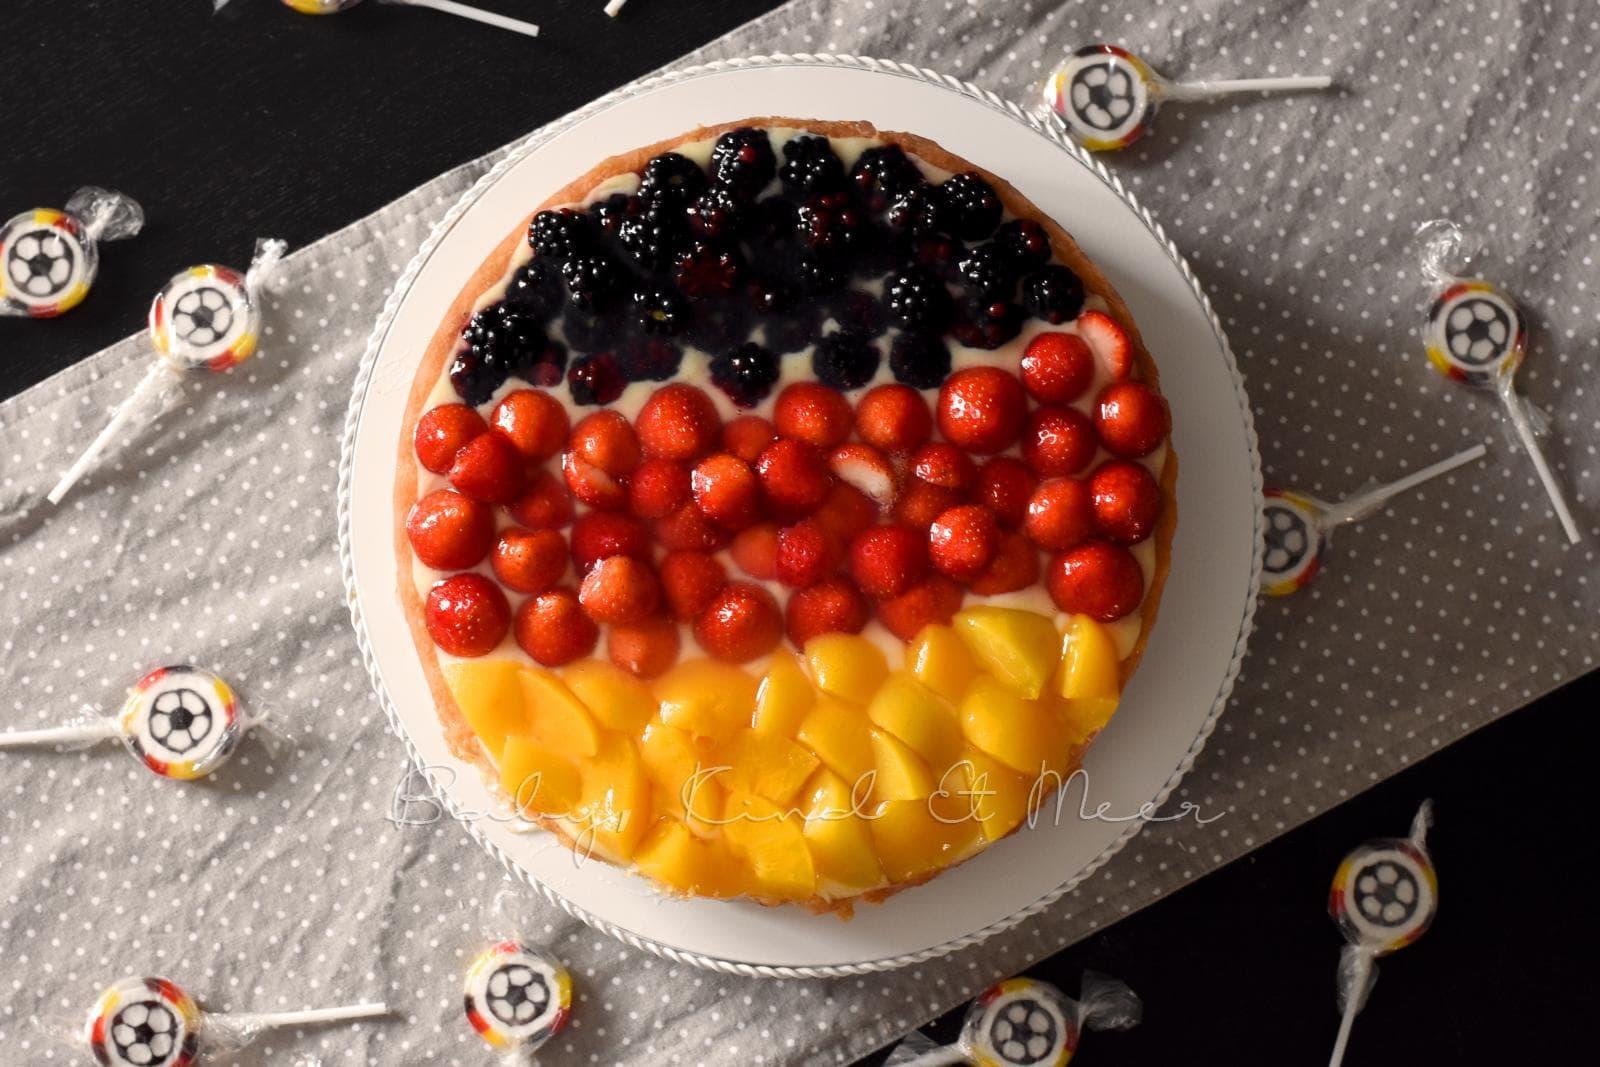 Kuchen Konsum Deutschland Deutschland Kuchen Familienblog Blog Fur